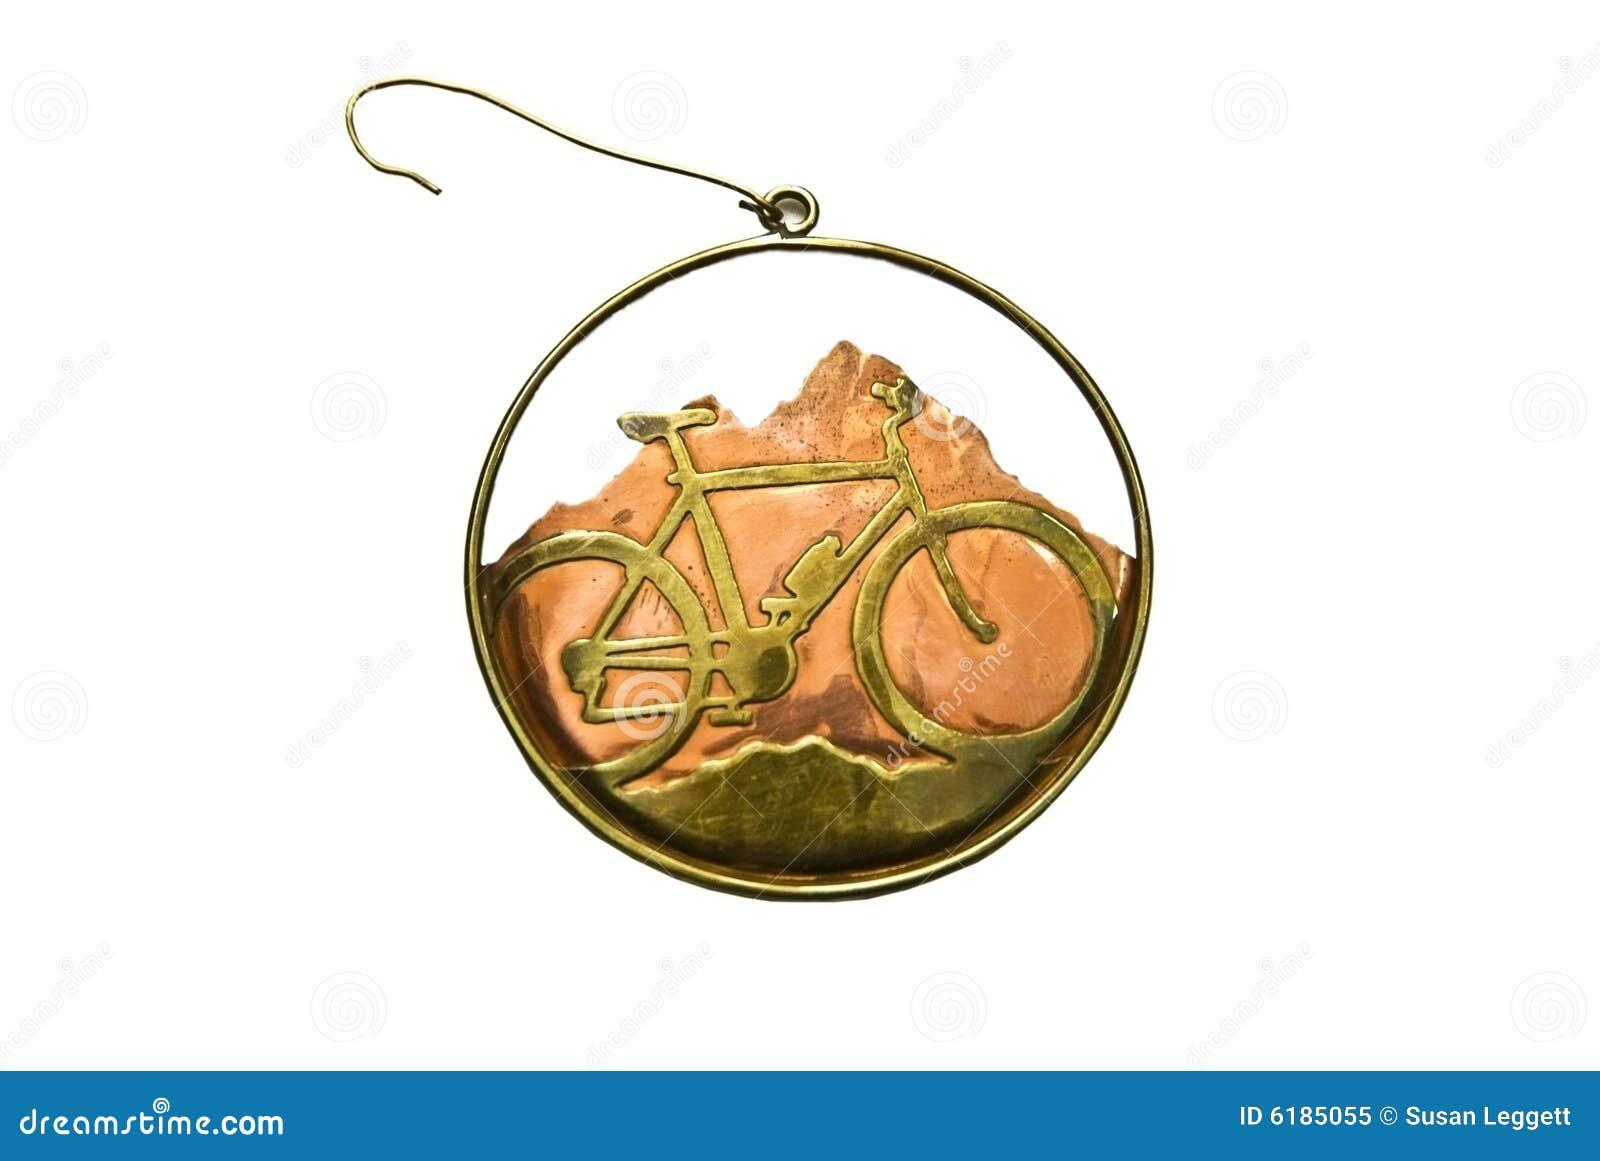 Fahrrad dekoration stockbild bild von stra e messing 6185055 - Dekoration fahrrad ...